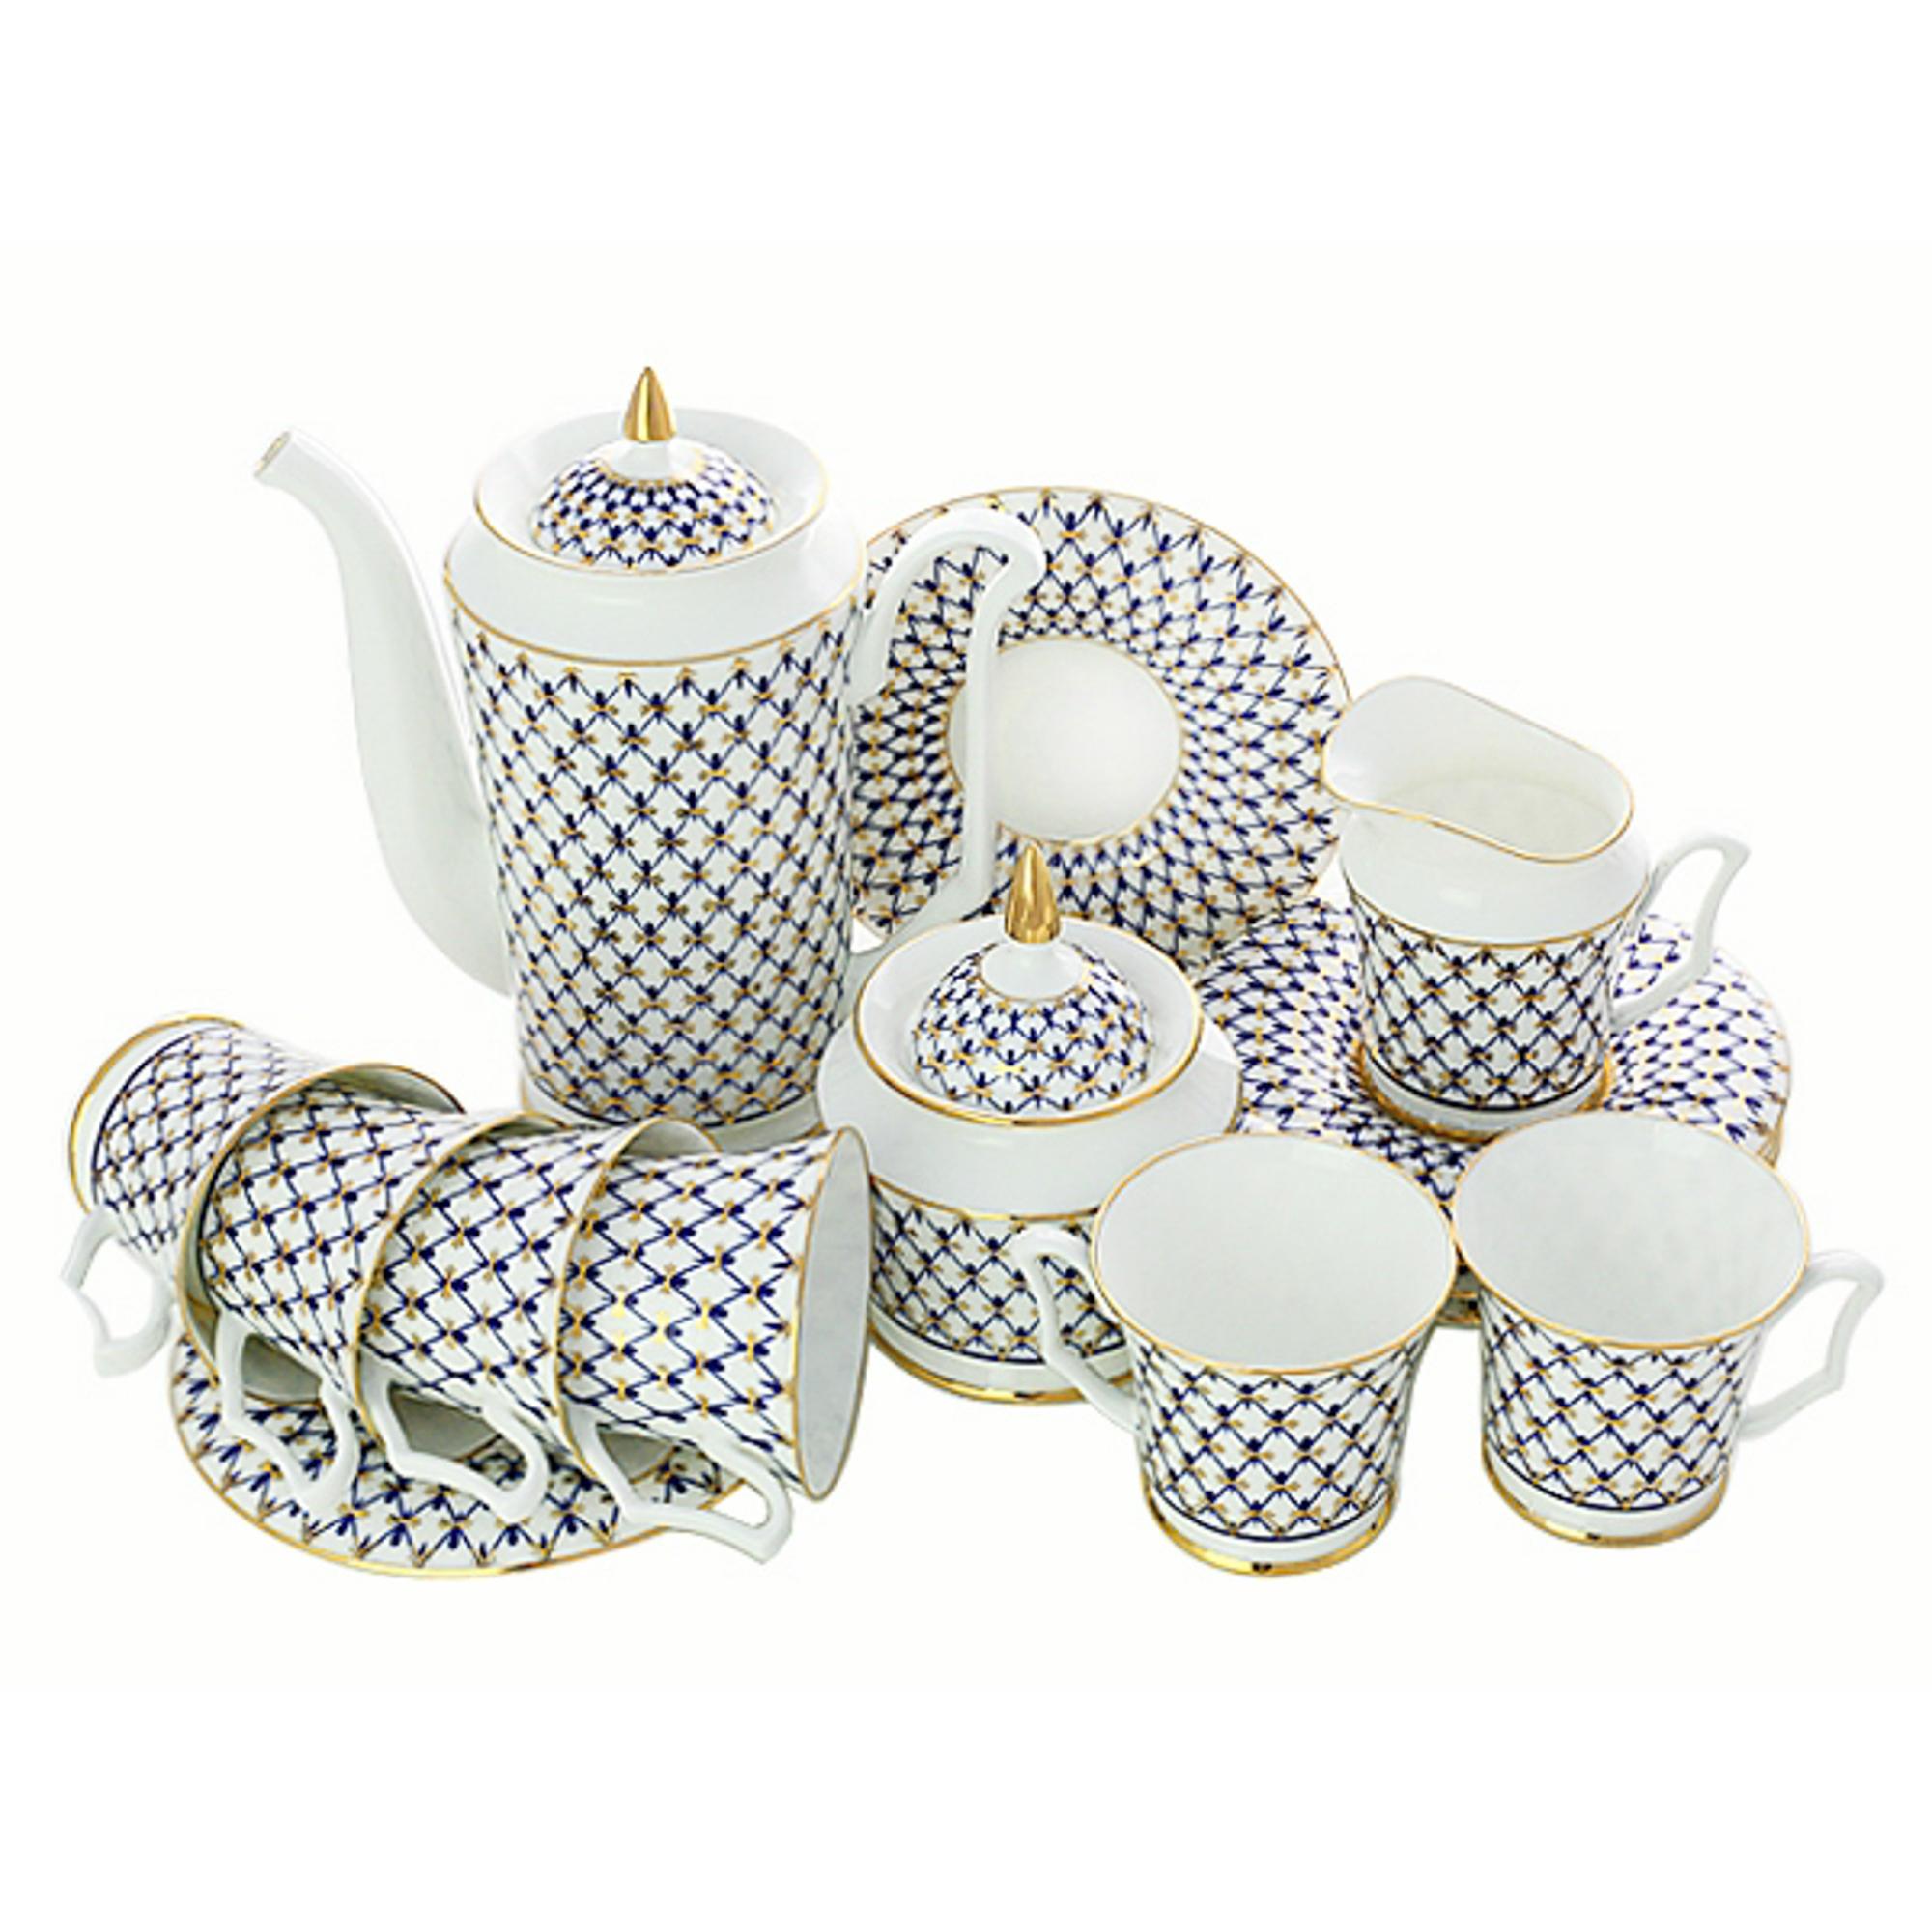 Сервиз кофейный ЛФЗ ,форма Юлия - кобальтовая сетка , 6 персон , 15 предметов